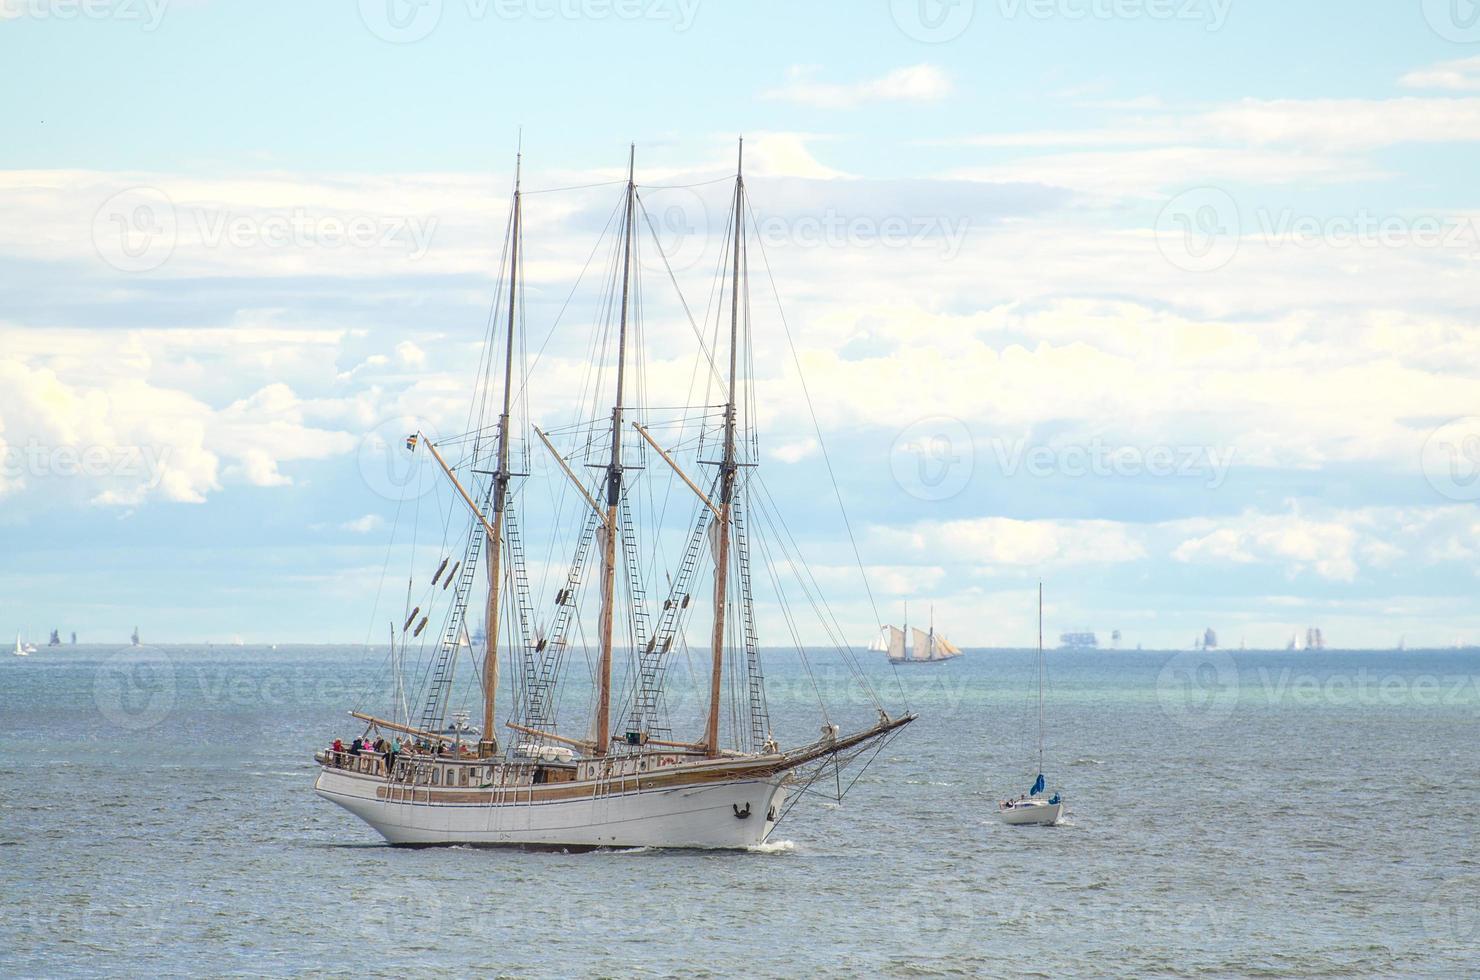 regata de veleiro vintage em Helsínquia. foto